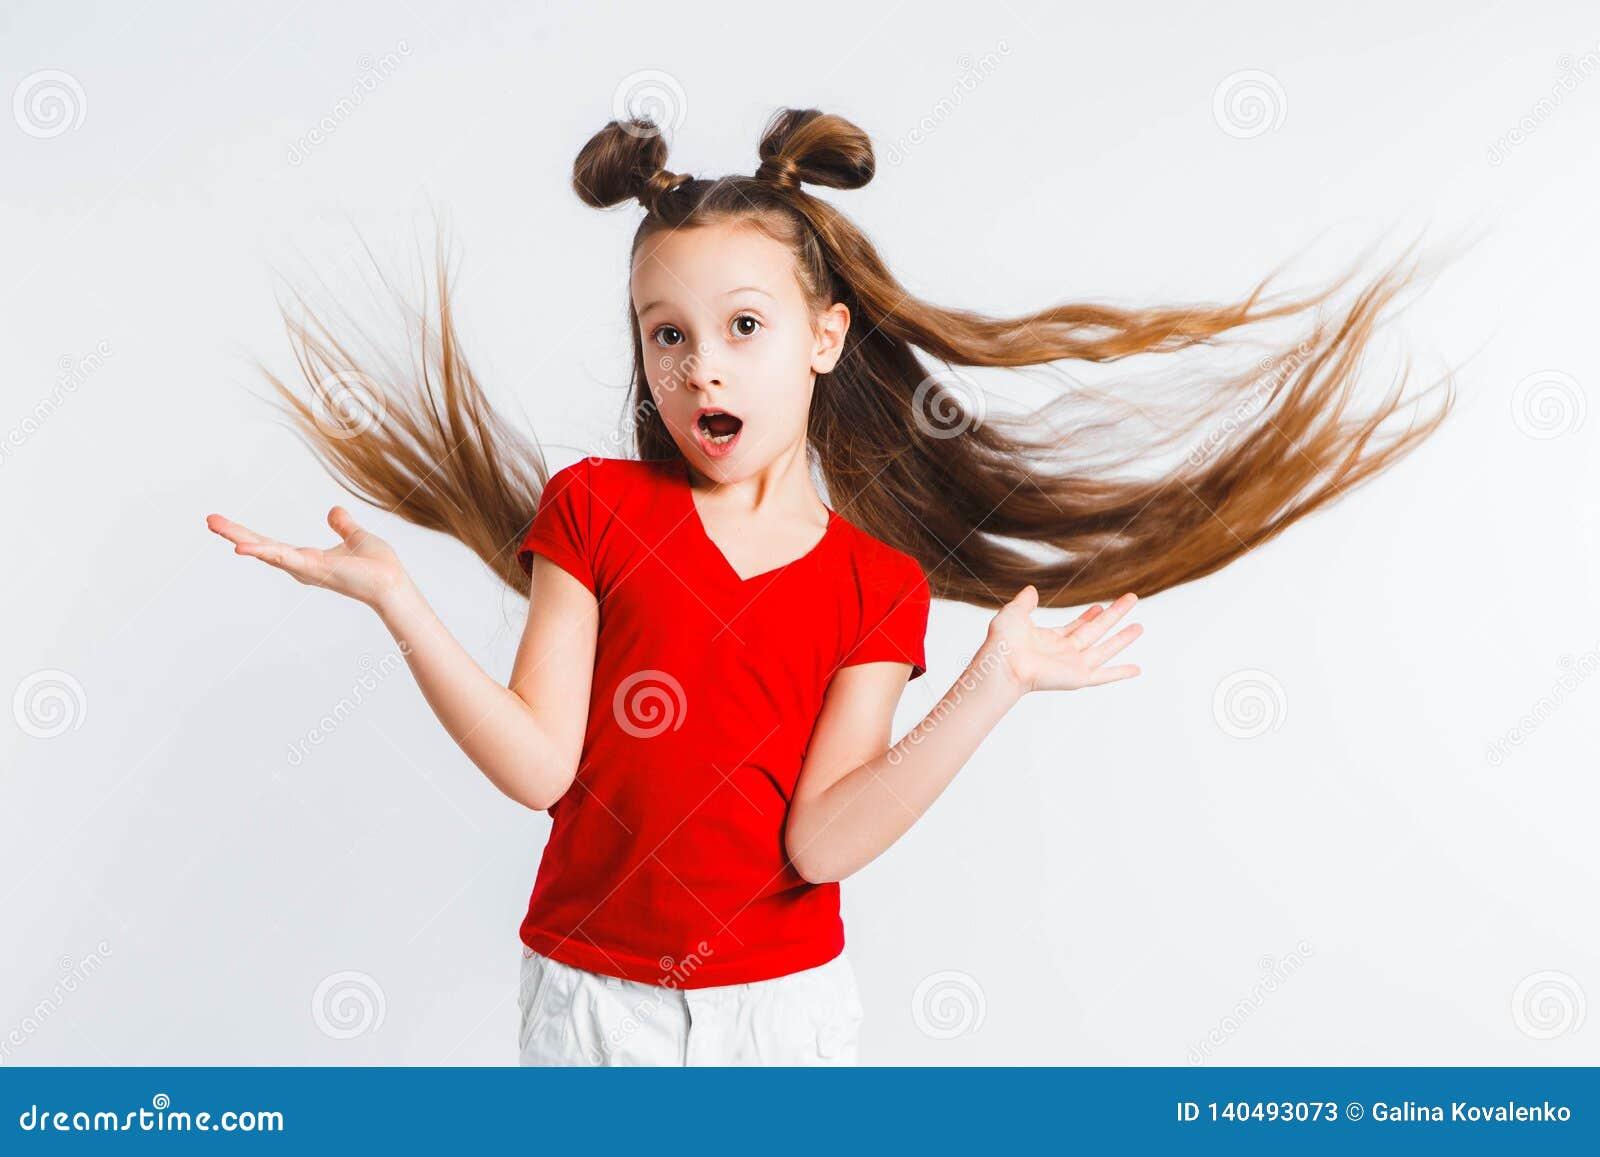 Adolescente da menina com gritos e gestos do cabelo do voo emocionalmente Apresentando seu produto Expressões faciais expressivos